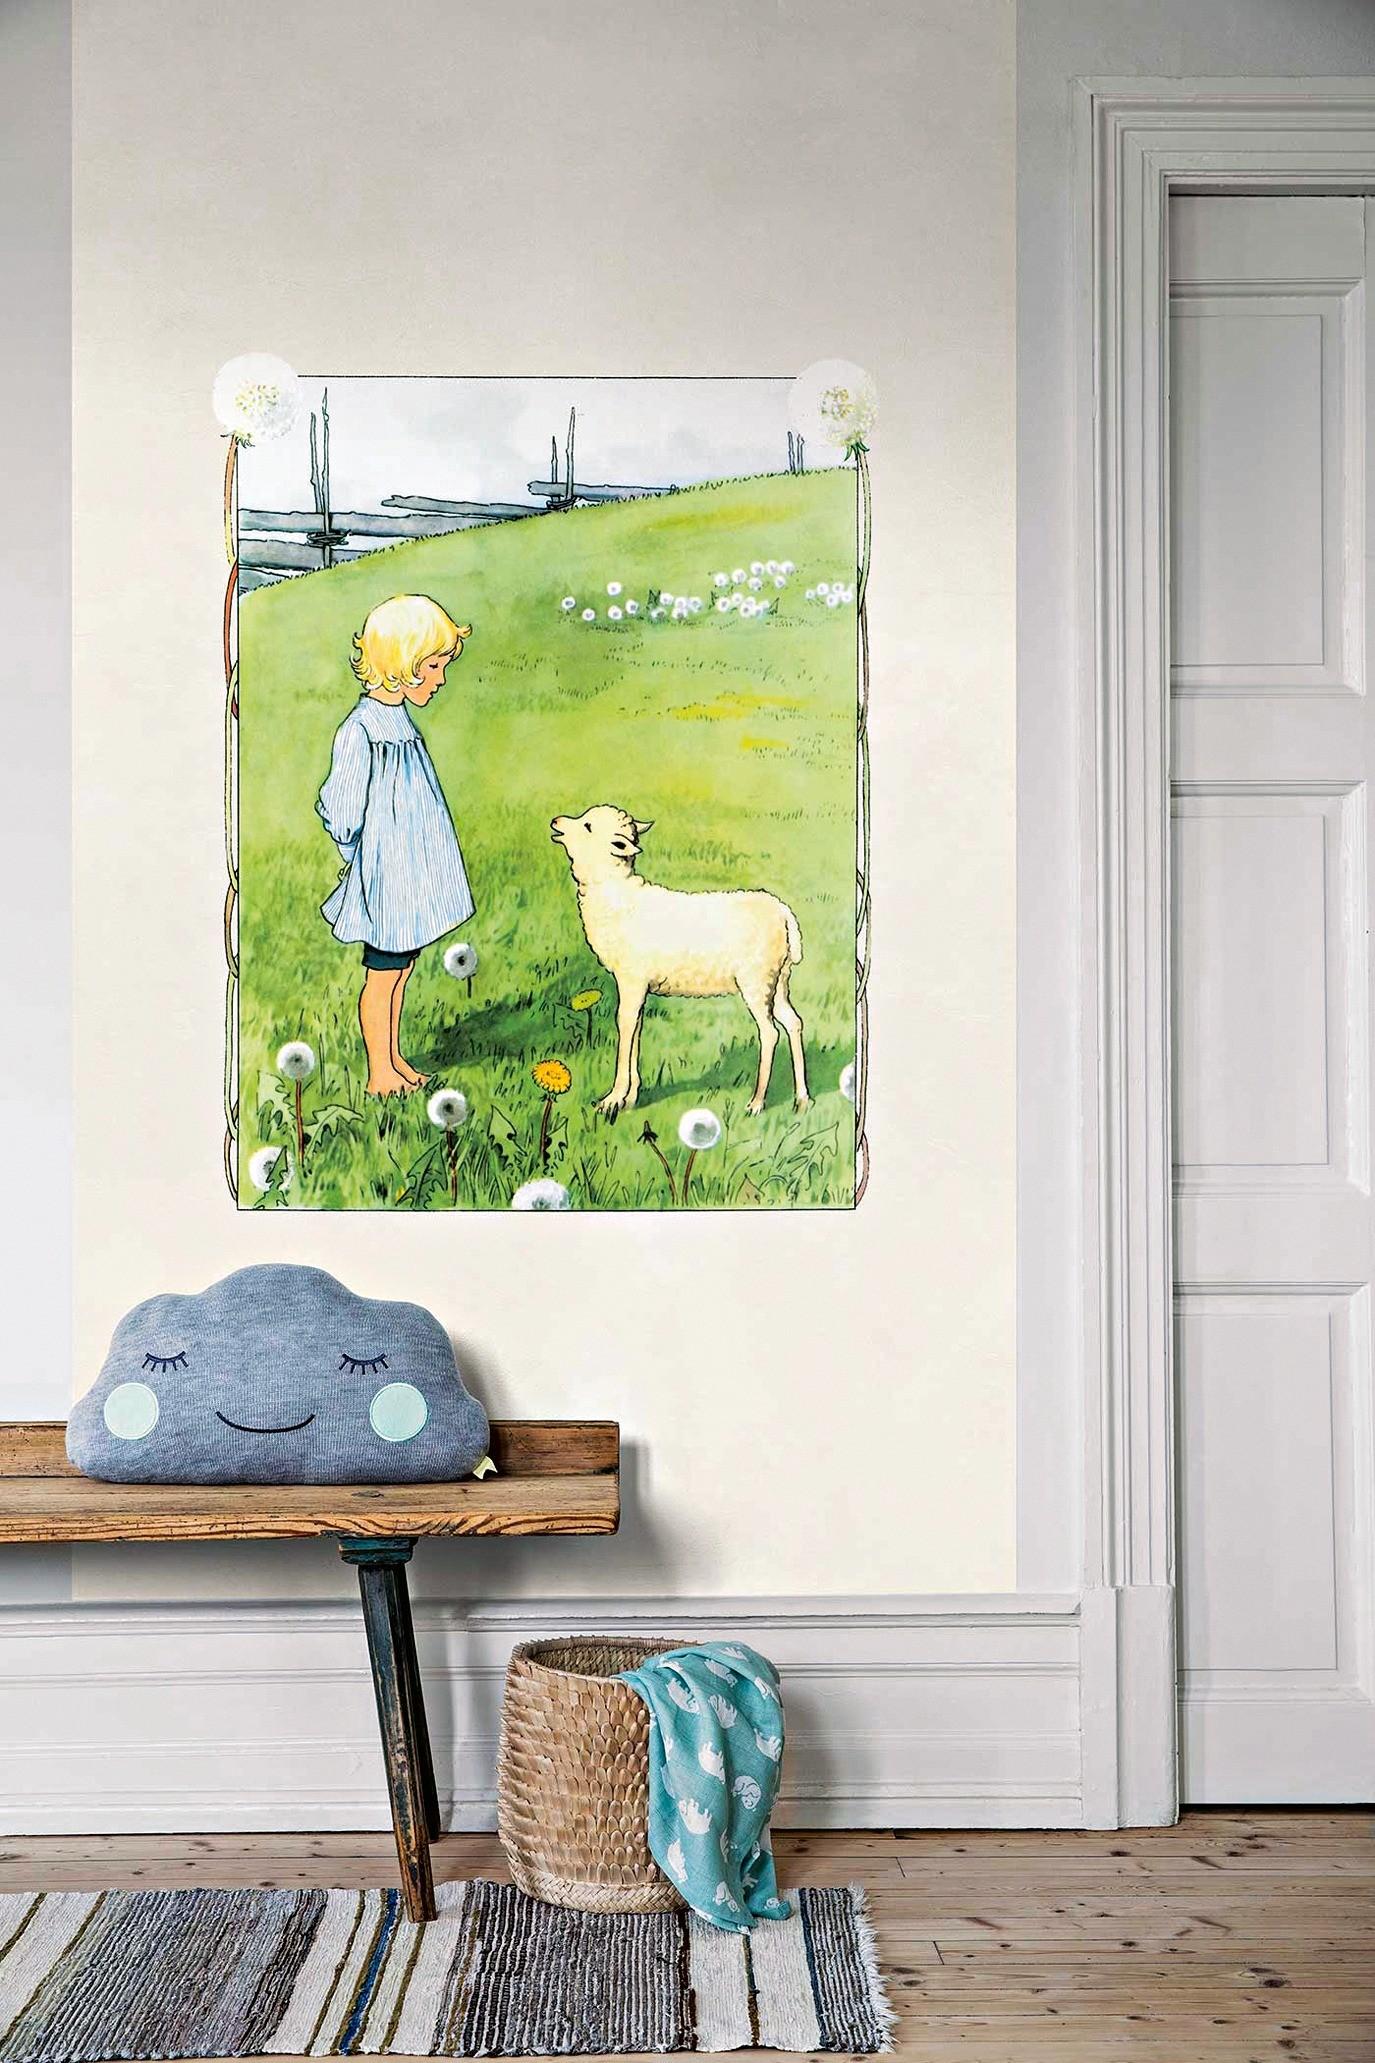 Фотопанно для детей Bä bä vita lamm (BoräsTapeter), размер 1,35 × 2,65 м (11 400 руб.)